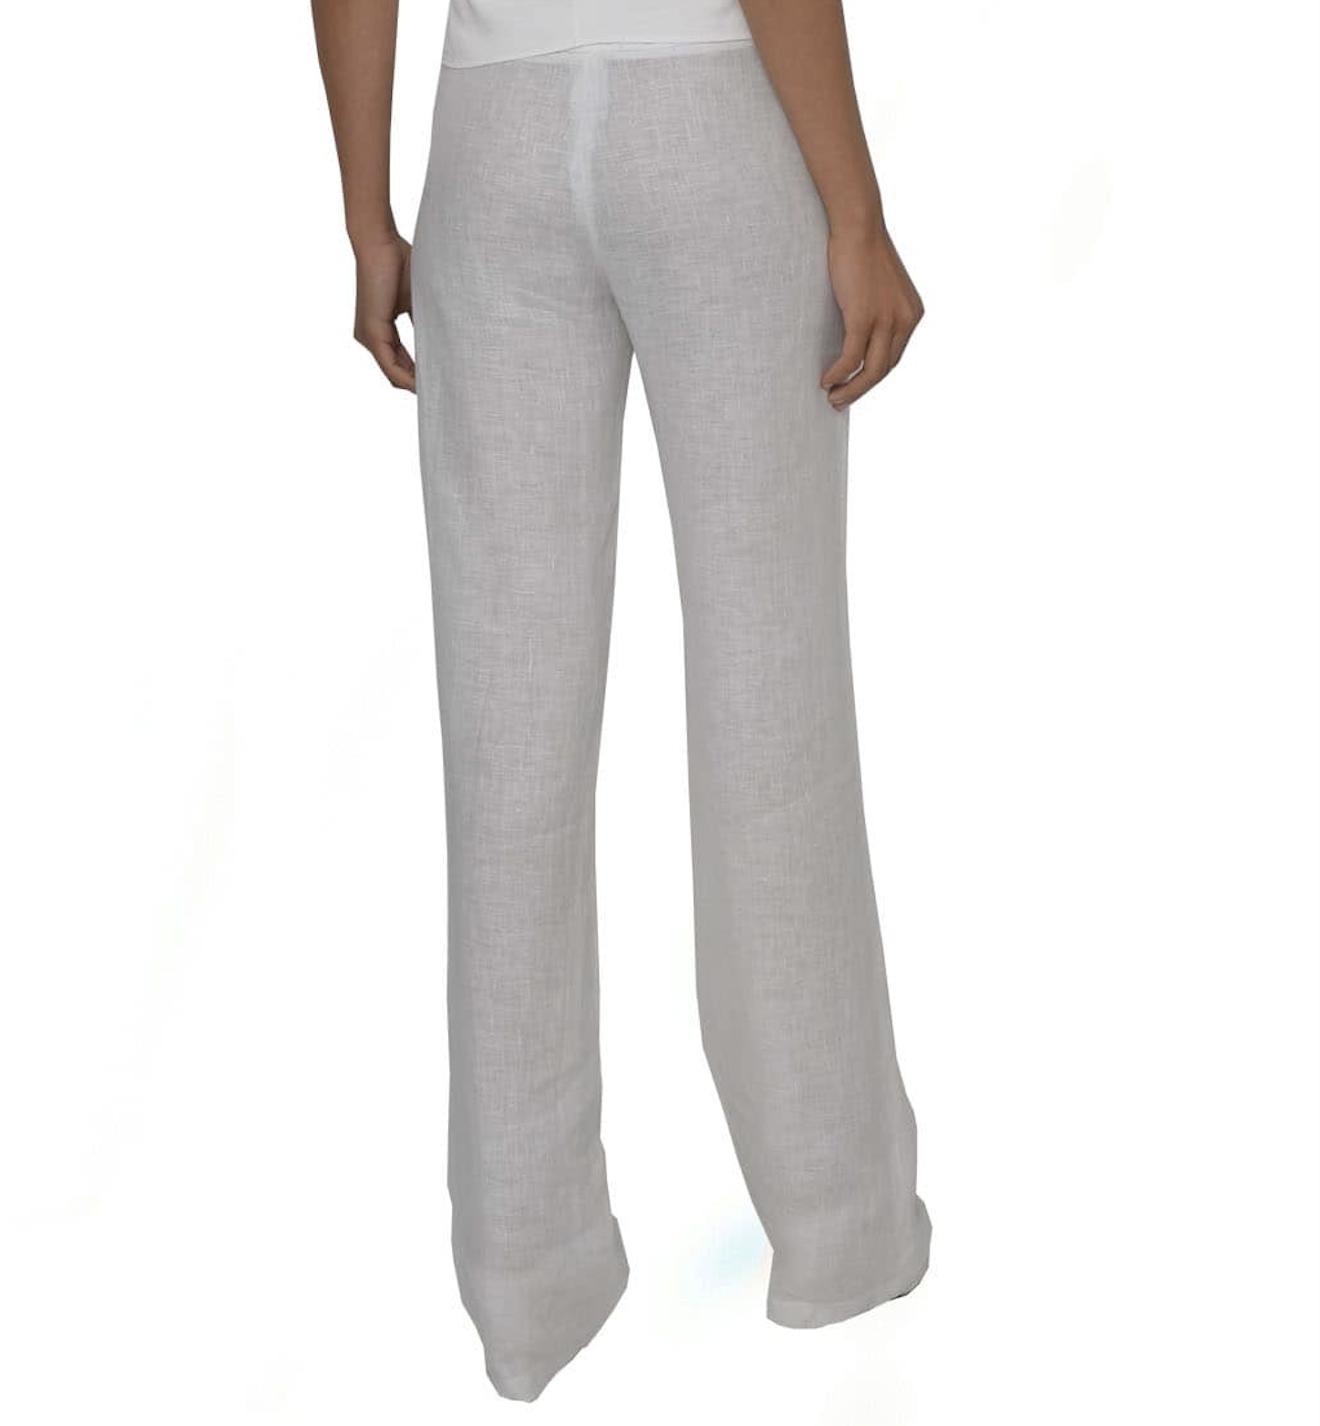 Trousers OCTANS 2